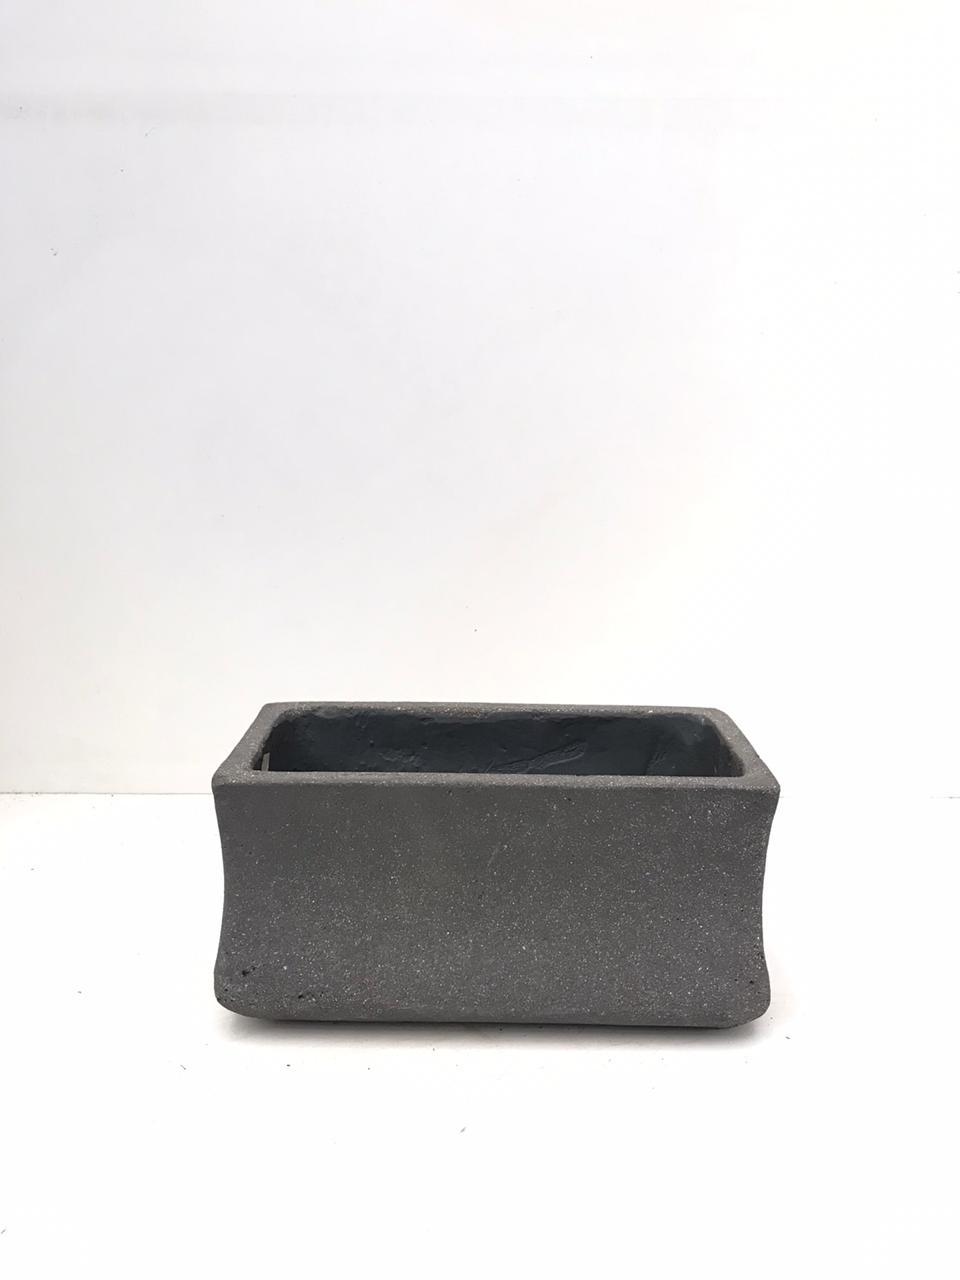 Rect. Ficonstone Pot Small Pots & Vases